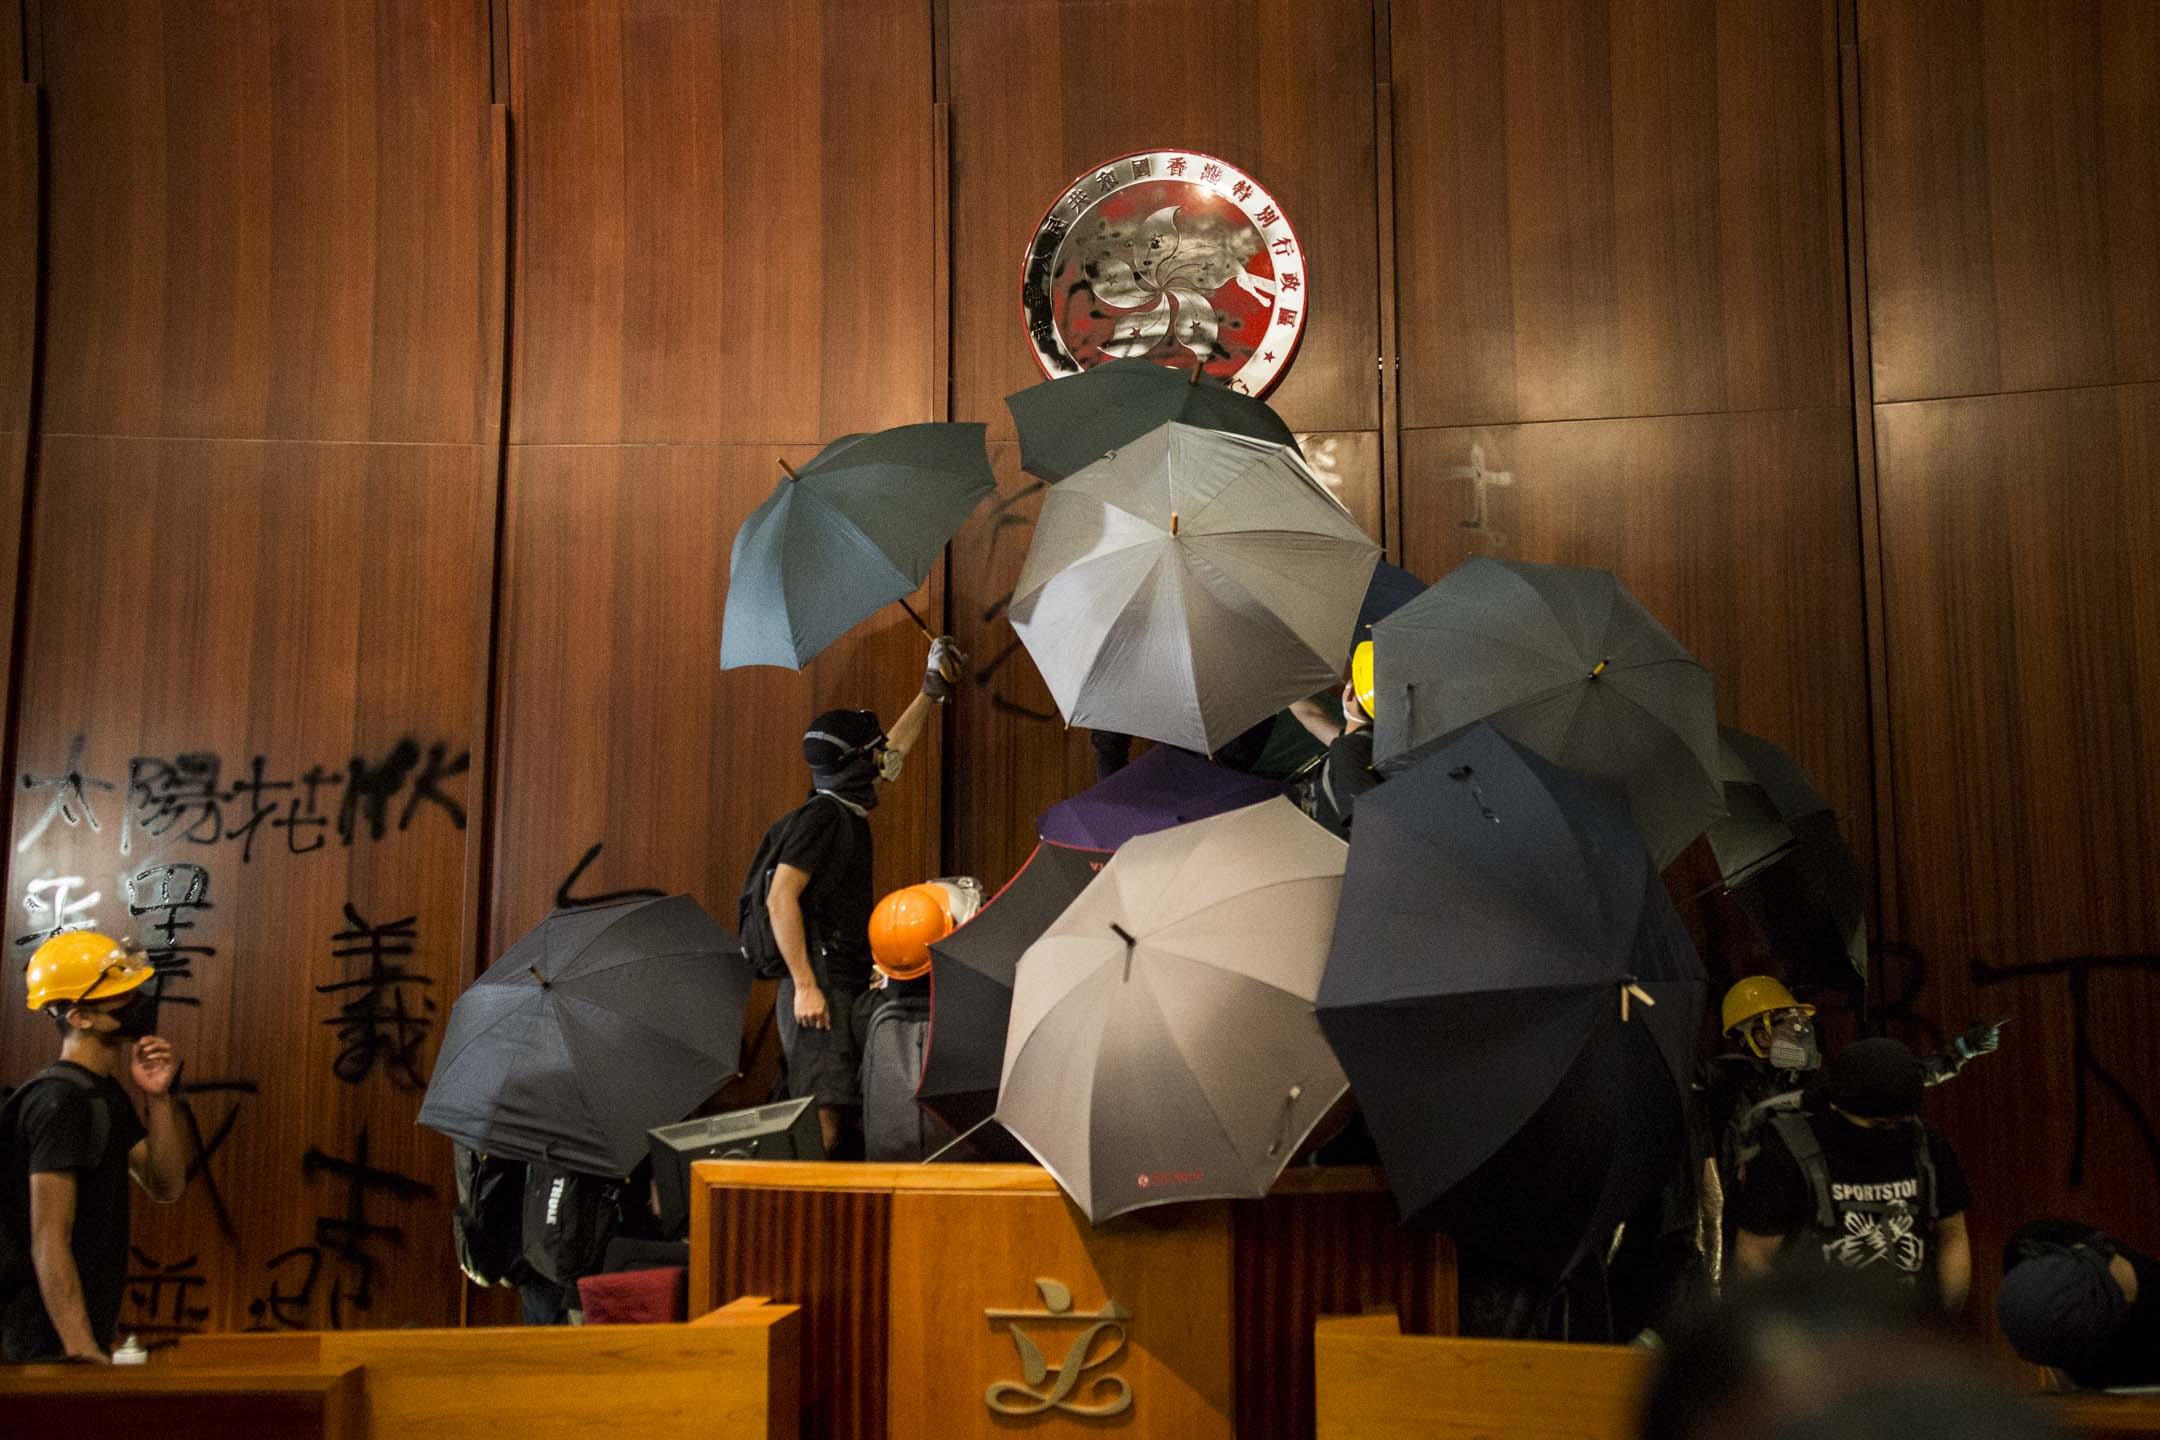 2019年7月1日,立法會會議廳被示威者佔領。